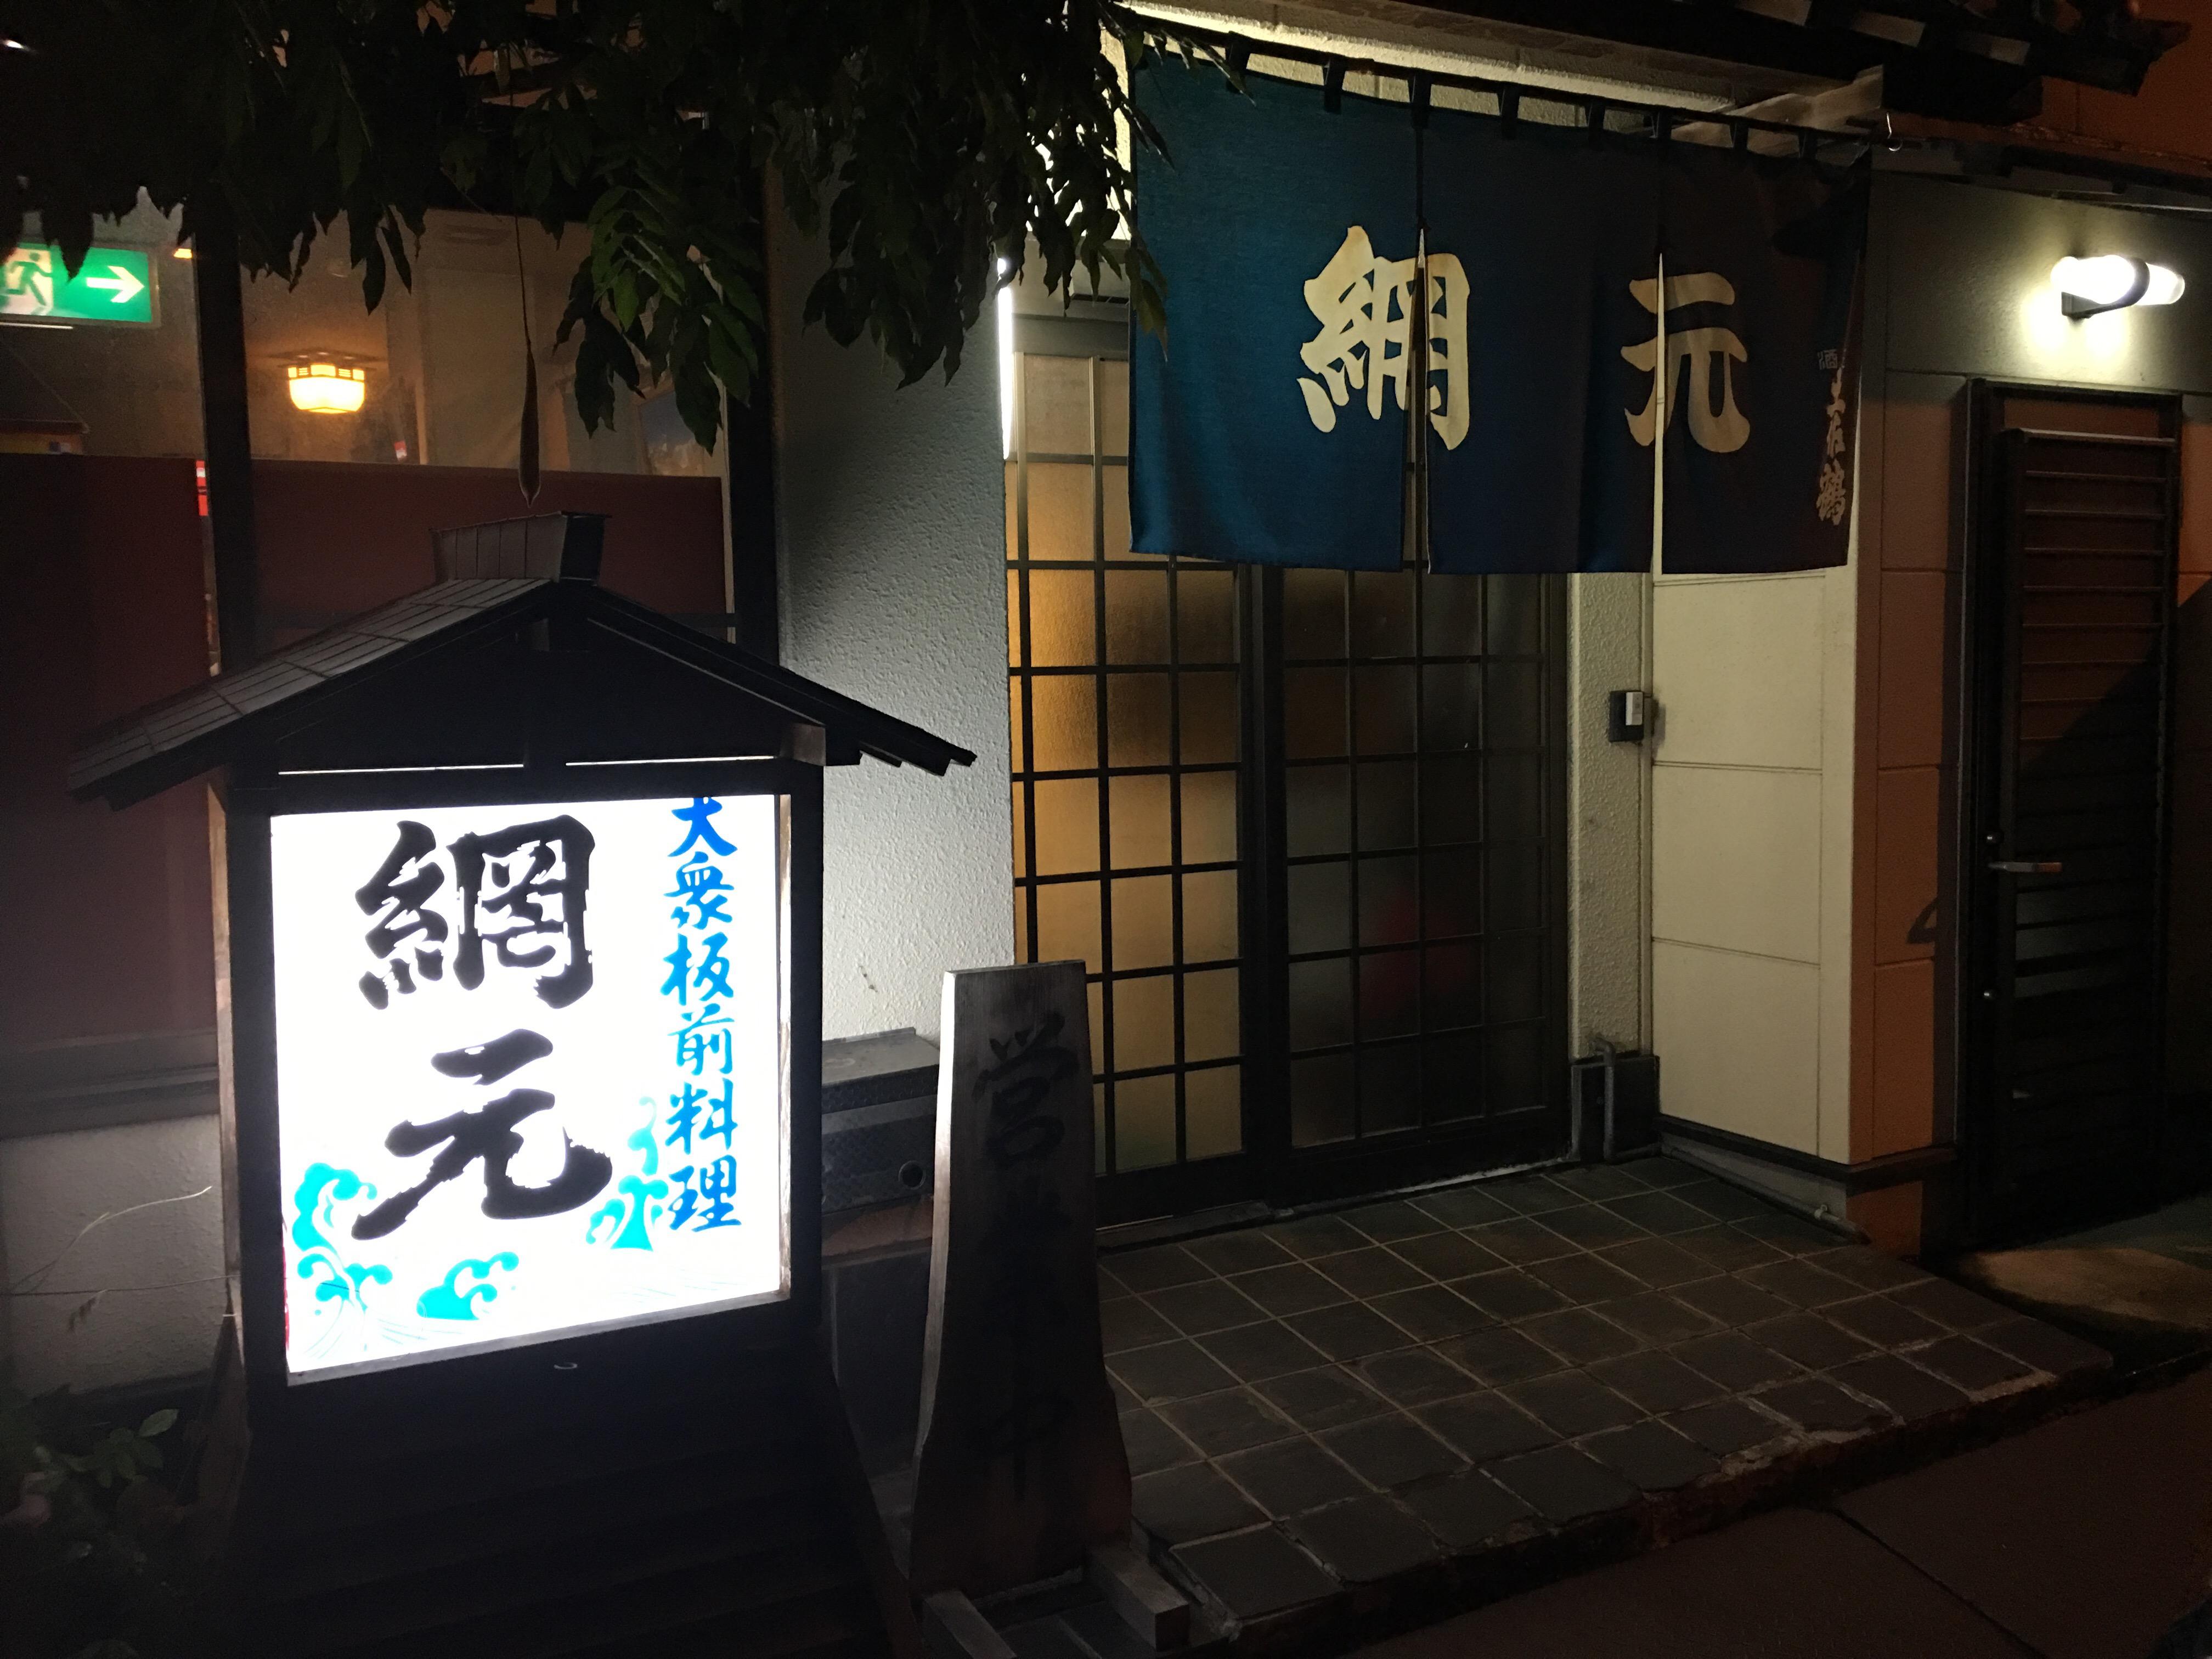 店主納得の魚を仕入れるこだわりのお店!大洲市にある大衆居酒屋「網元」に行ってきました!